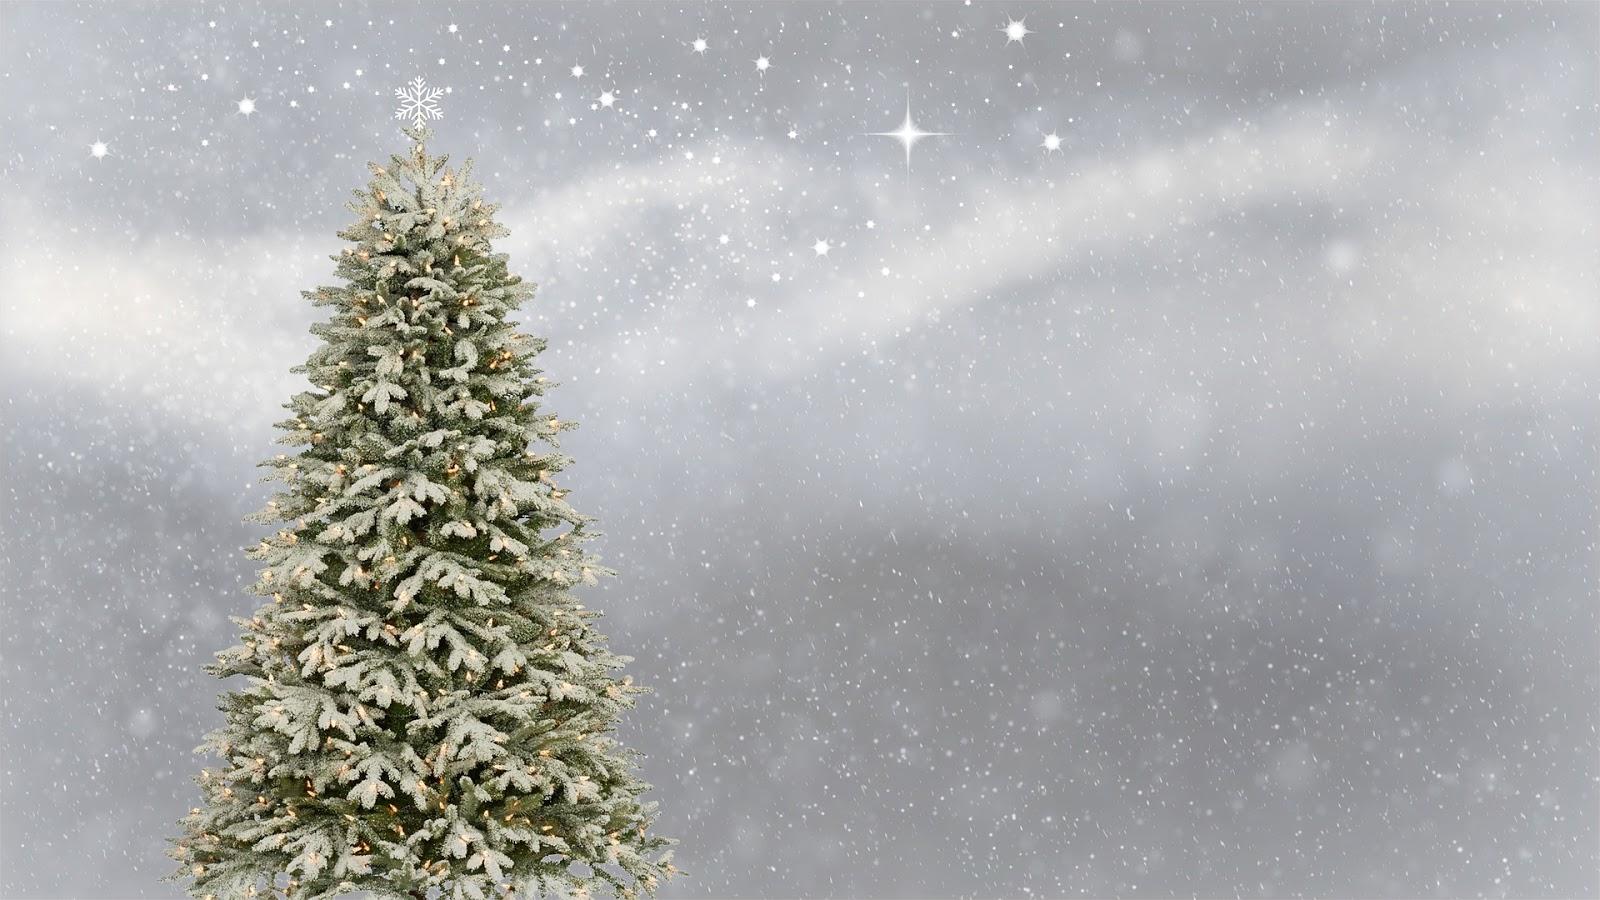 Künstlicher Weihnachtsbaum Mit Beleuchtung Kaufen.Weißer Weihnachtsbaum Mit Beleuchtung Test Die Meisten Sind Eine